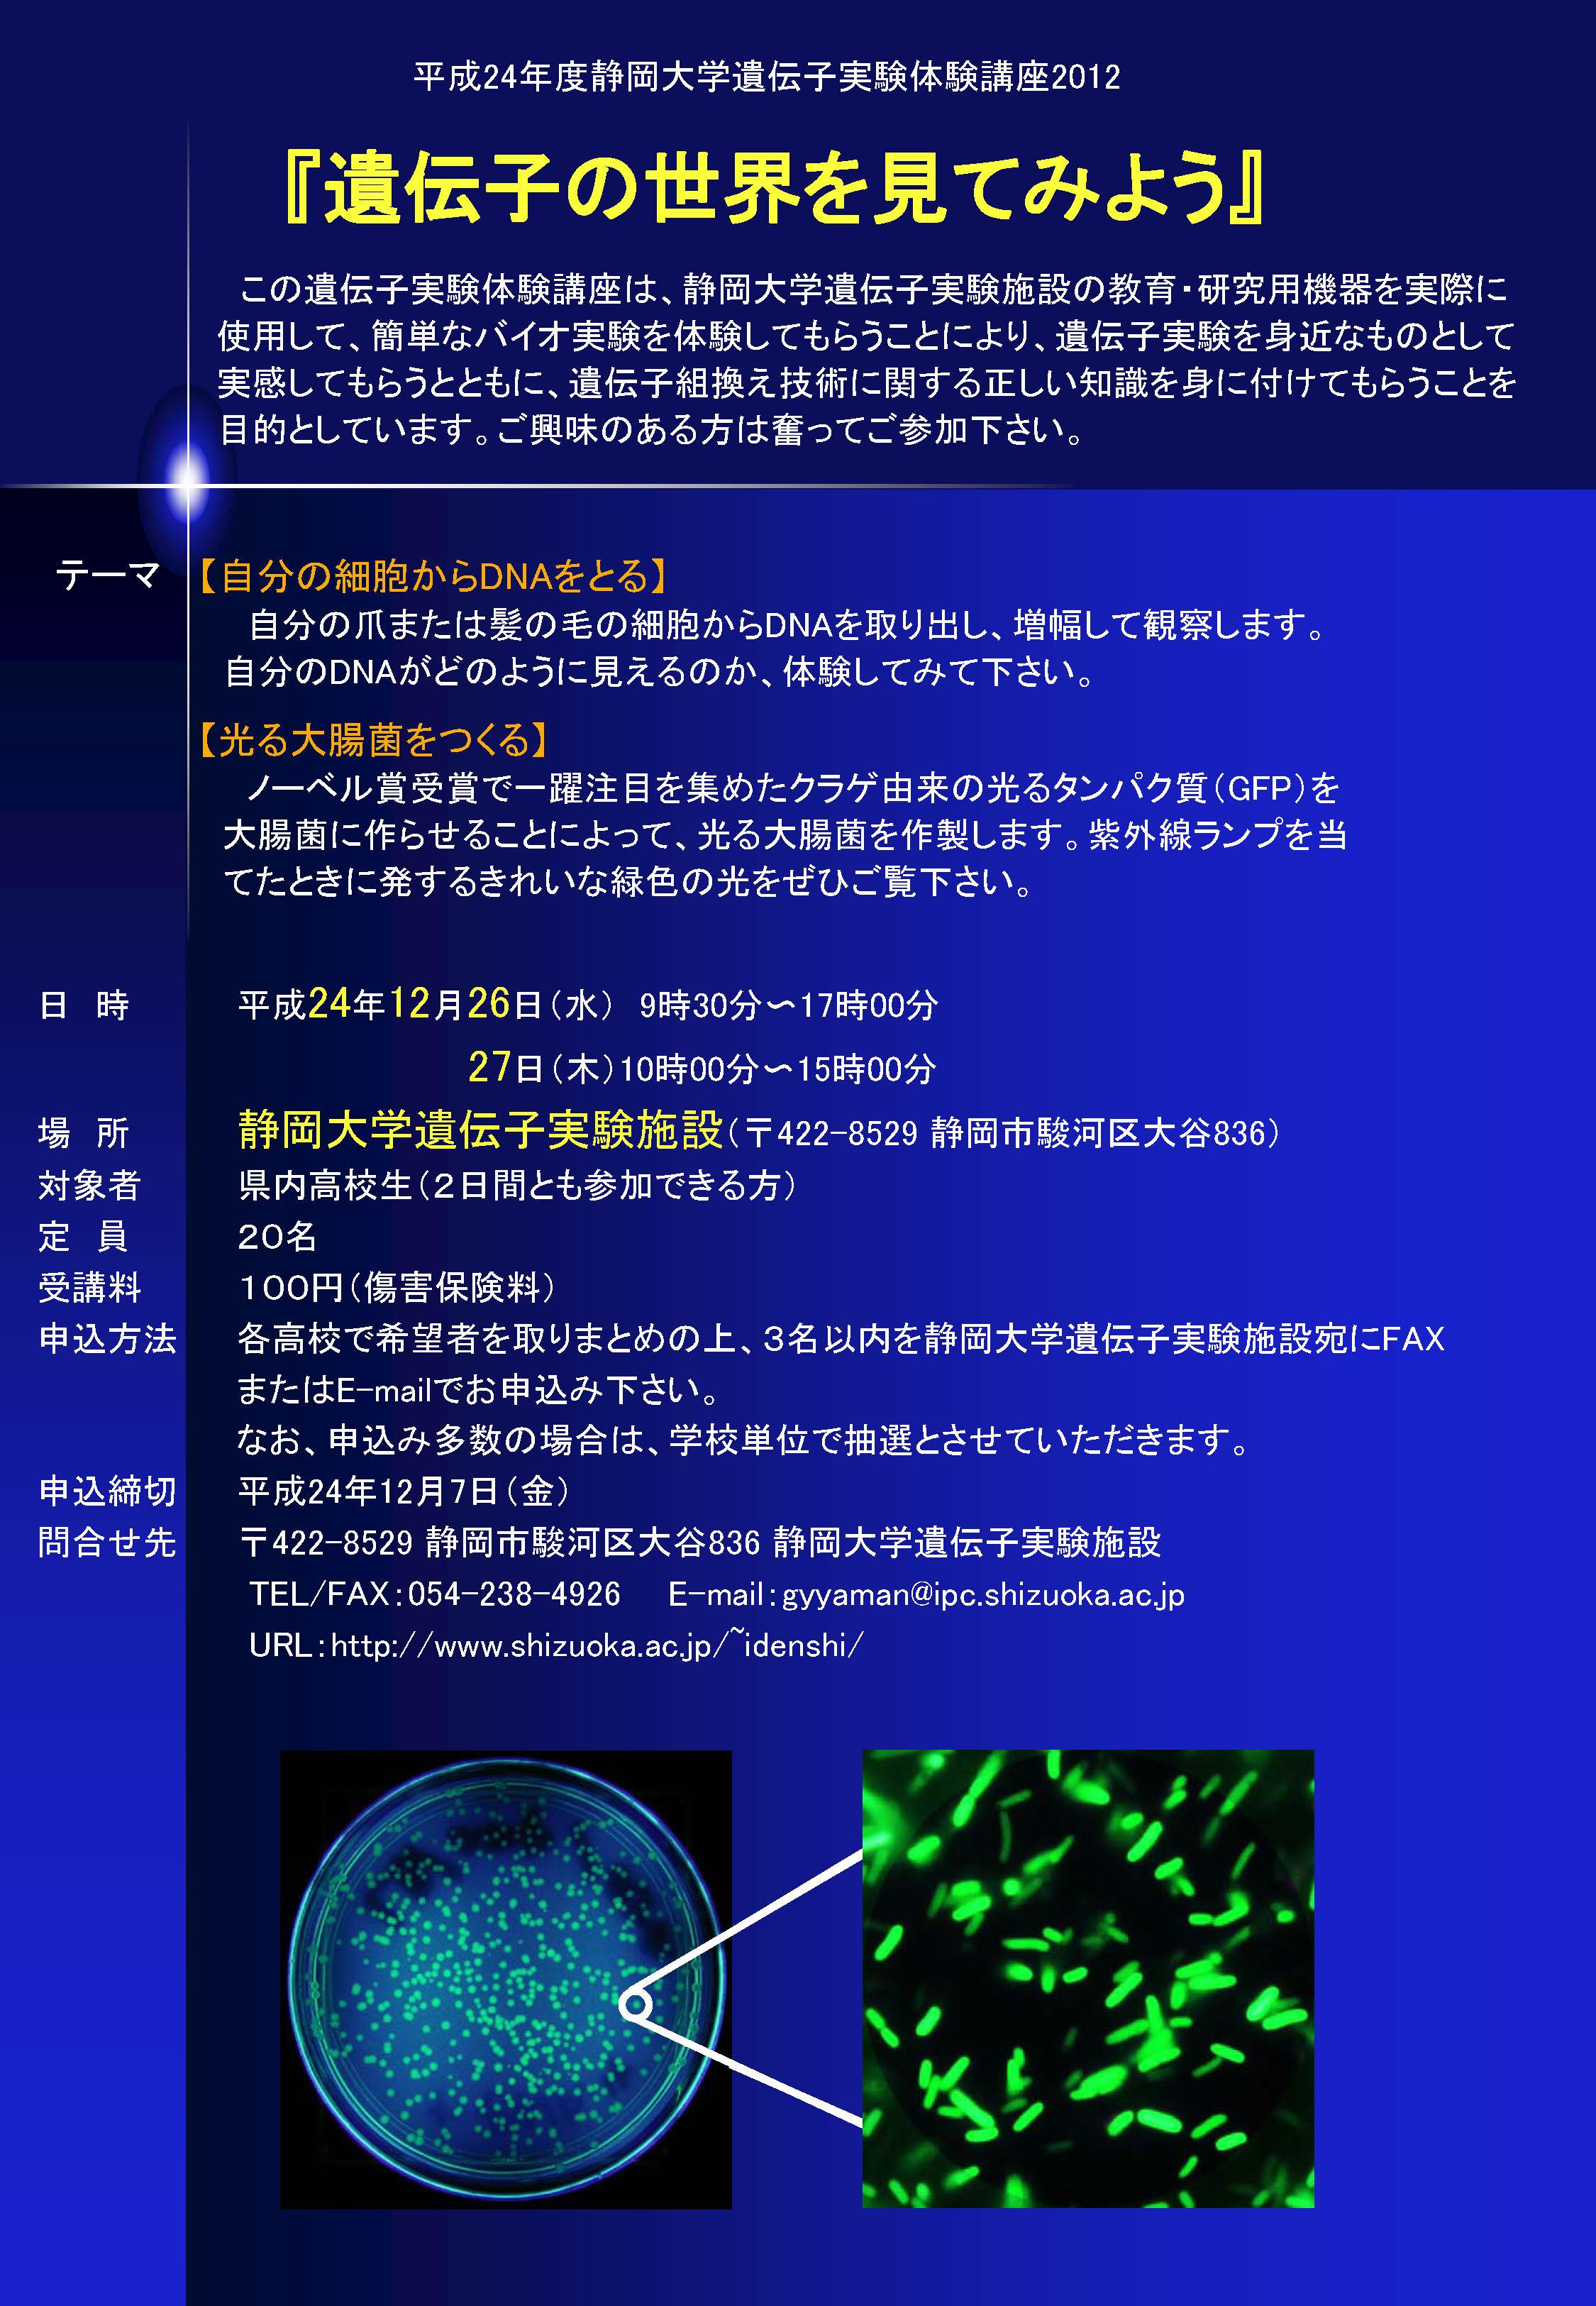 遺伝子実験体験講座2012「遺伝子の世界を見てみよう」チラシ